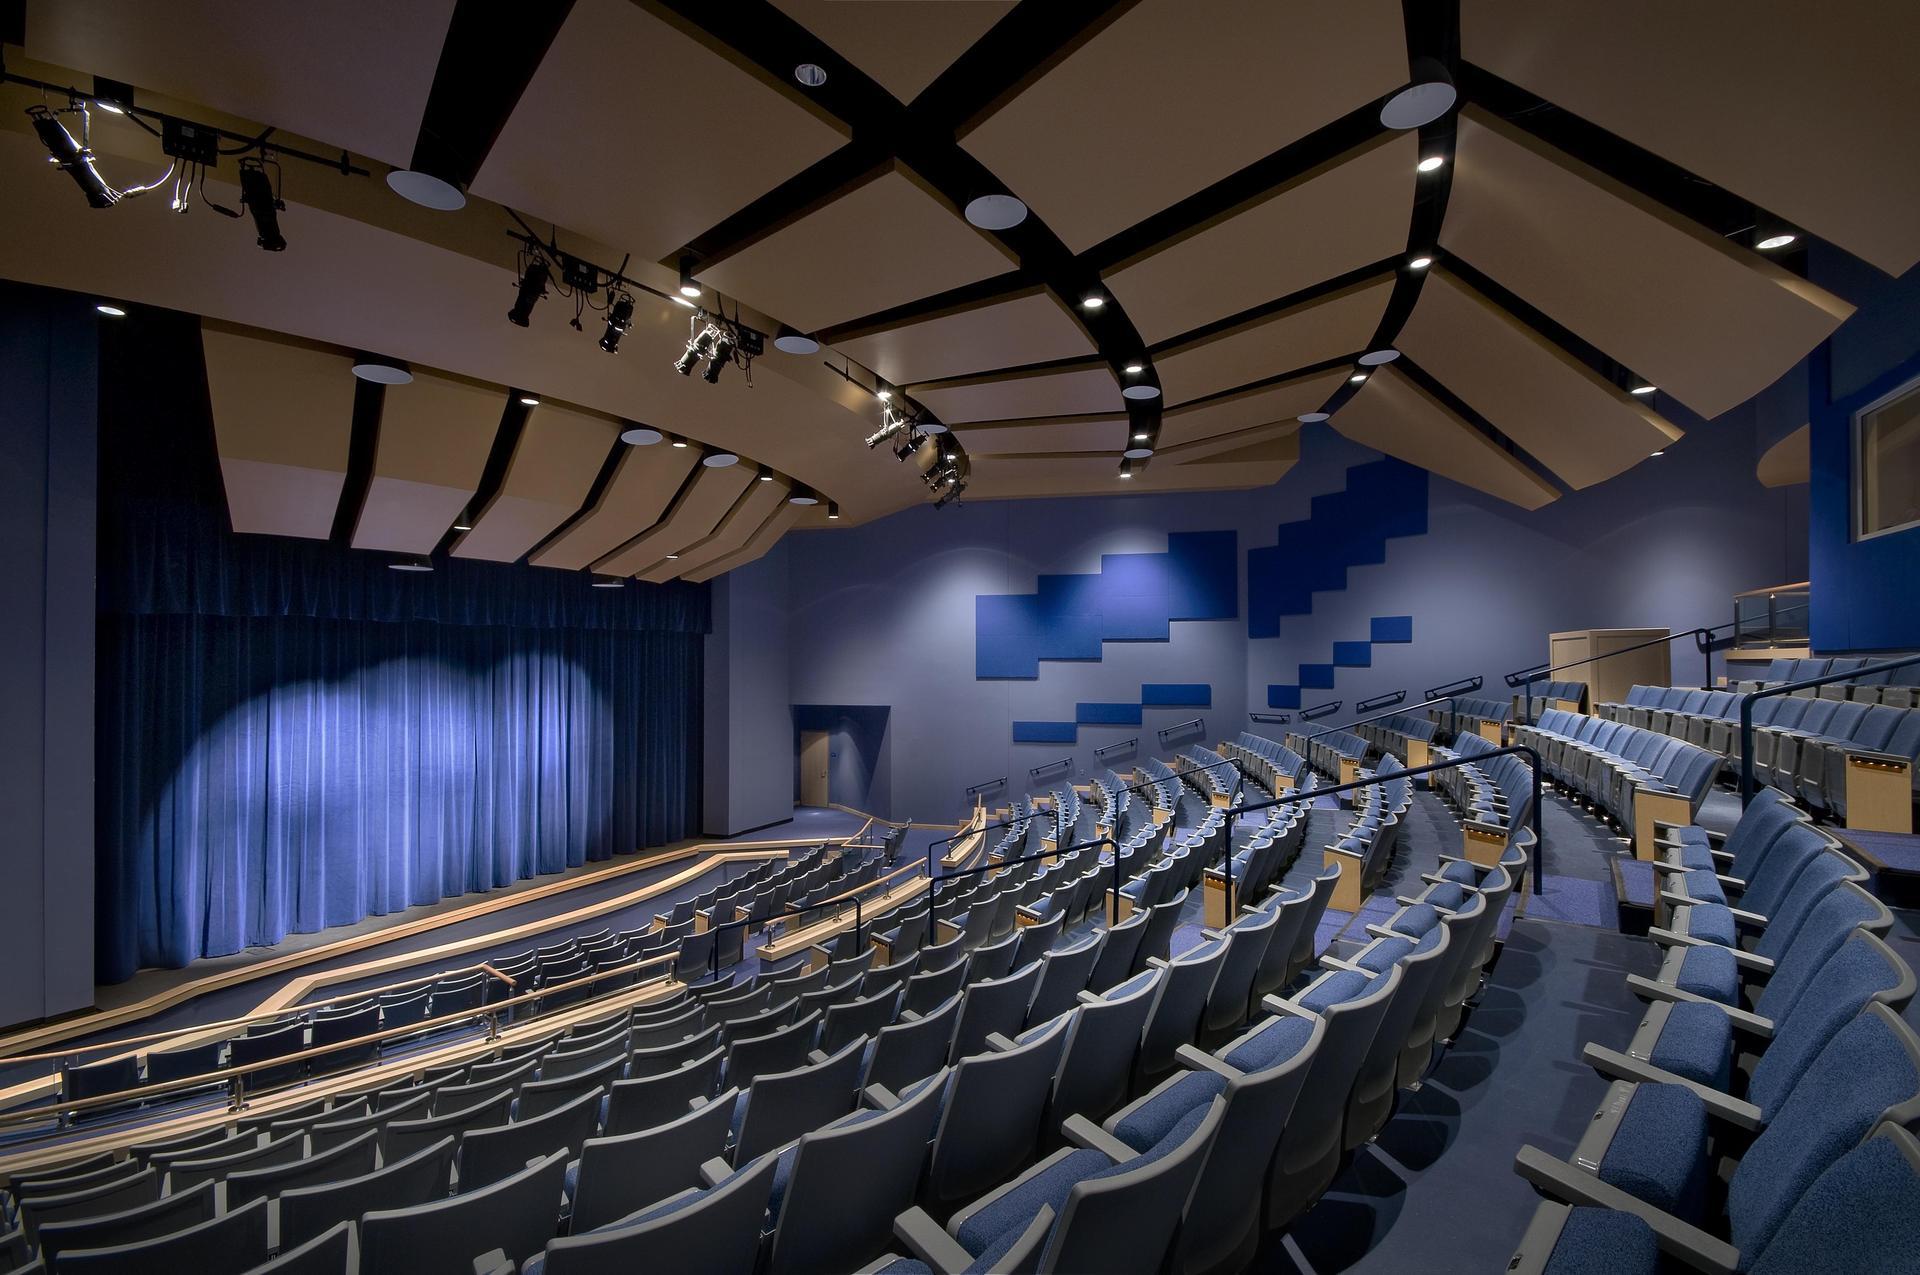 AEC theater